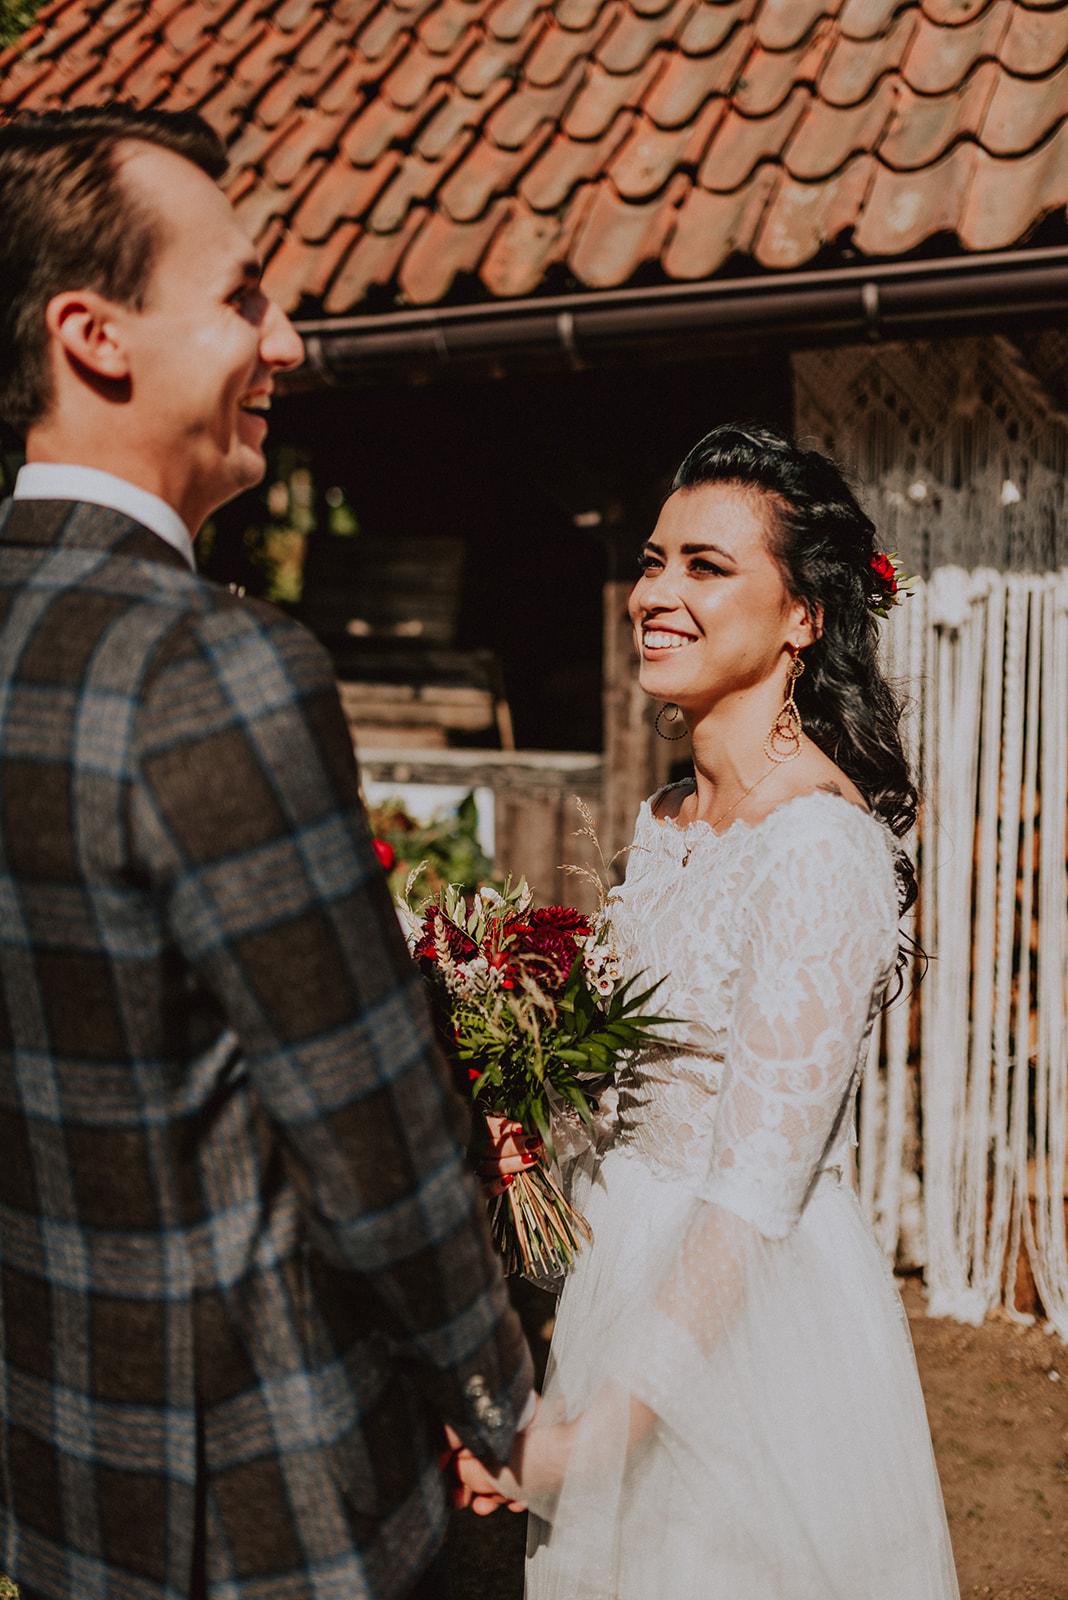 Baśniowy ślub w Tabunie | ceremonia w plenerze A+M 48 alebosco ania mateusz tabun 301